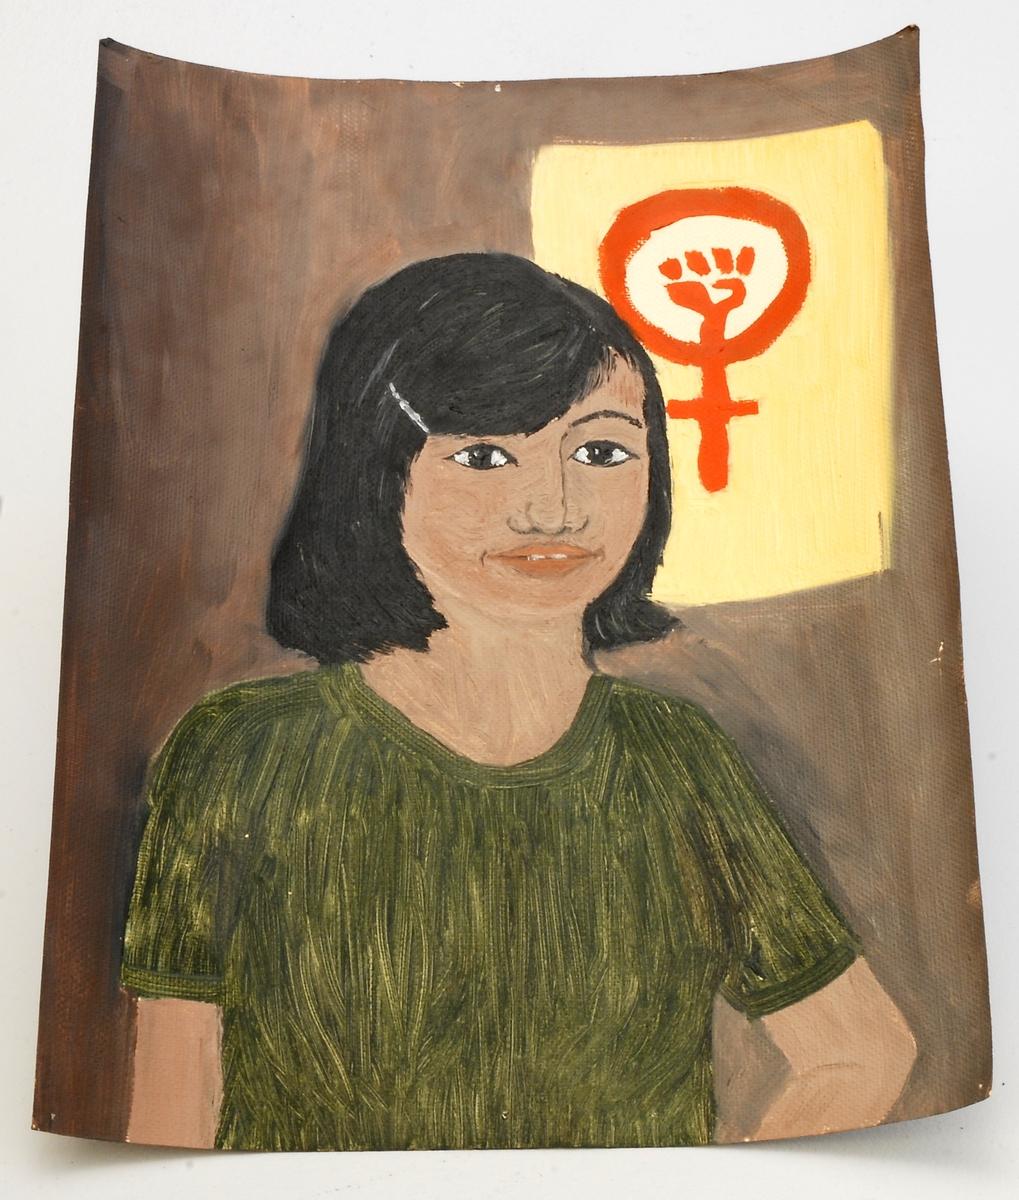 Portrett av jente - med politisk/kvinnekamp symbol i bakgrunn.